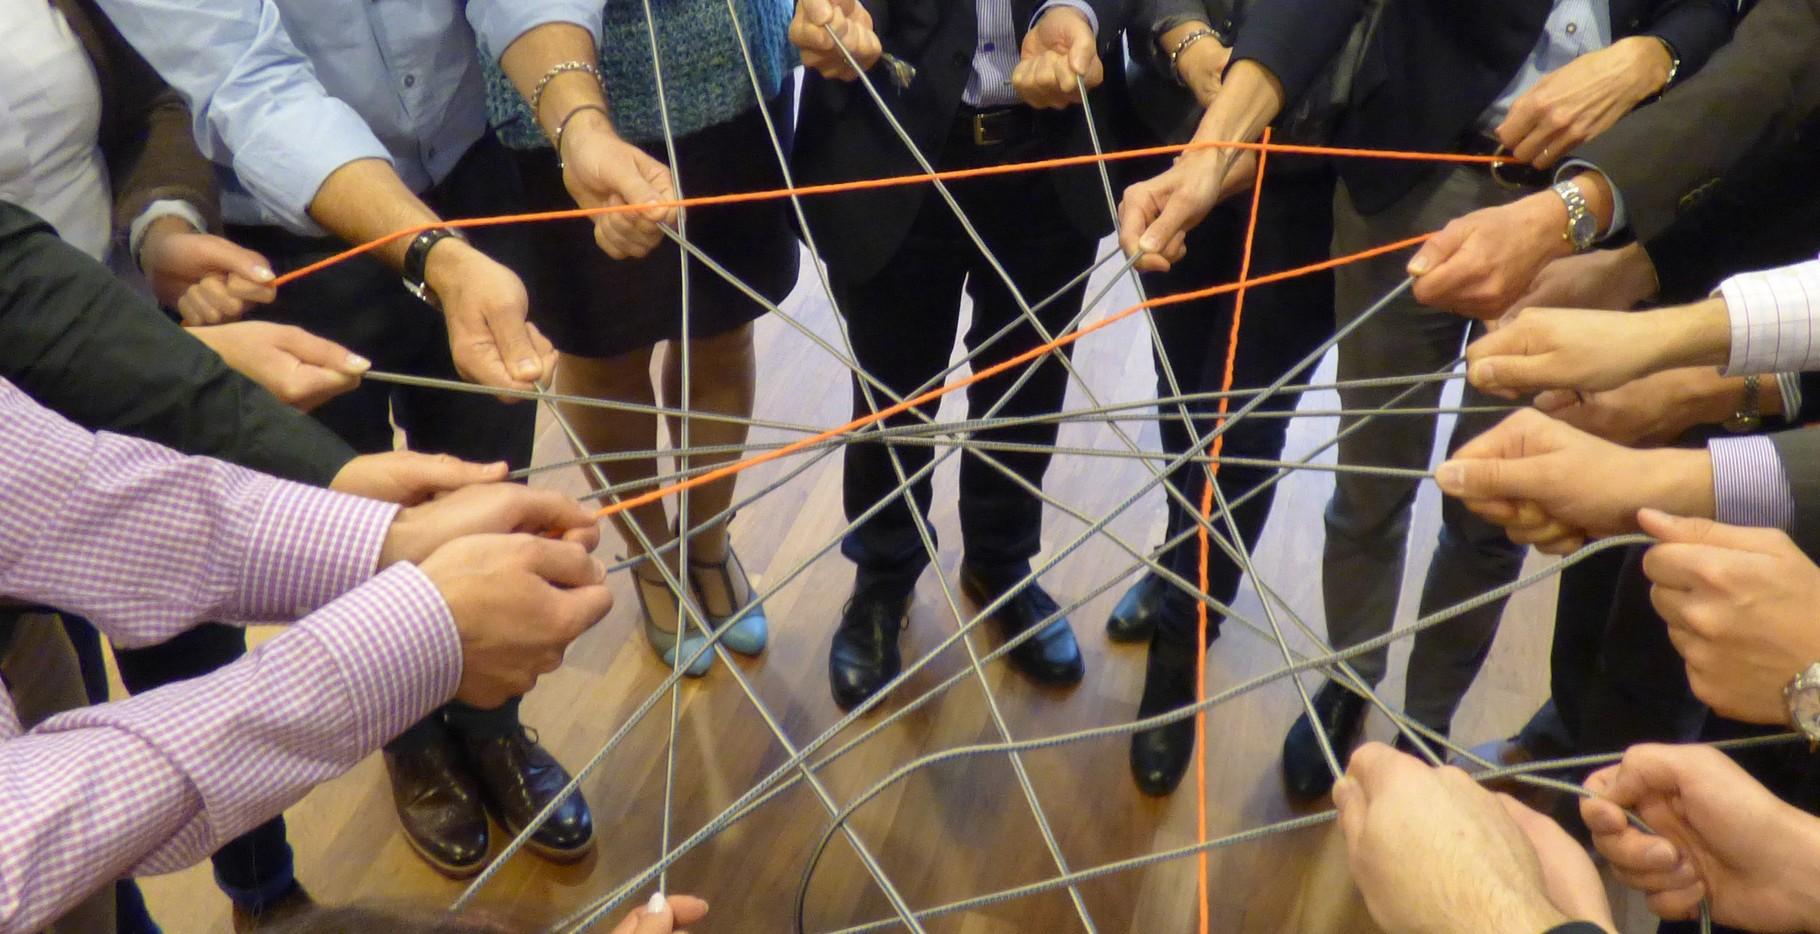 Agile Spiele agile games workshop - robert misch lösungsorientierte